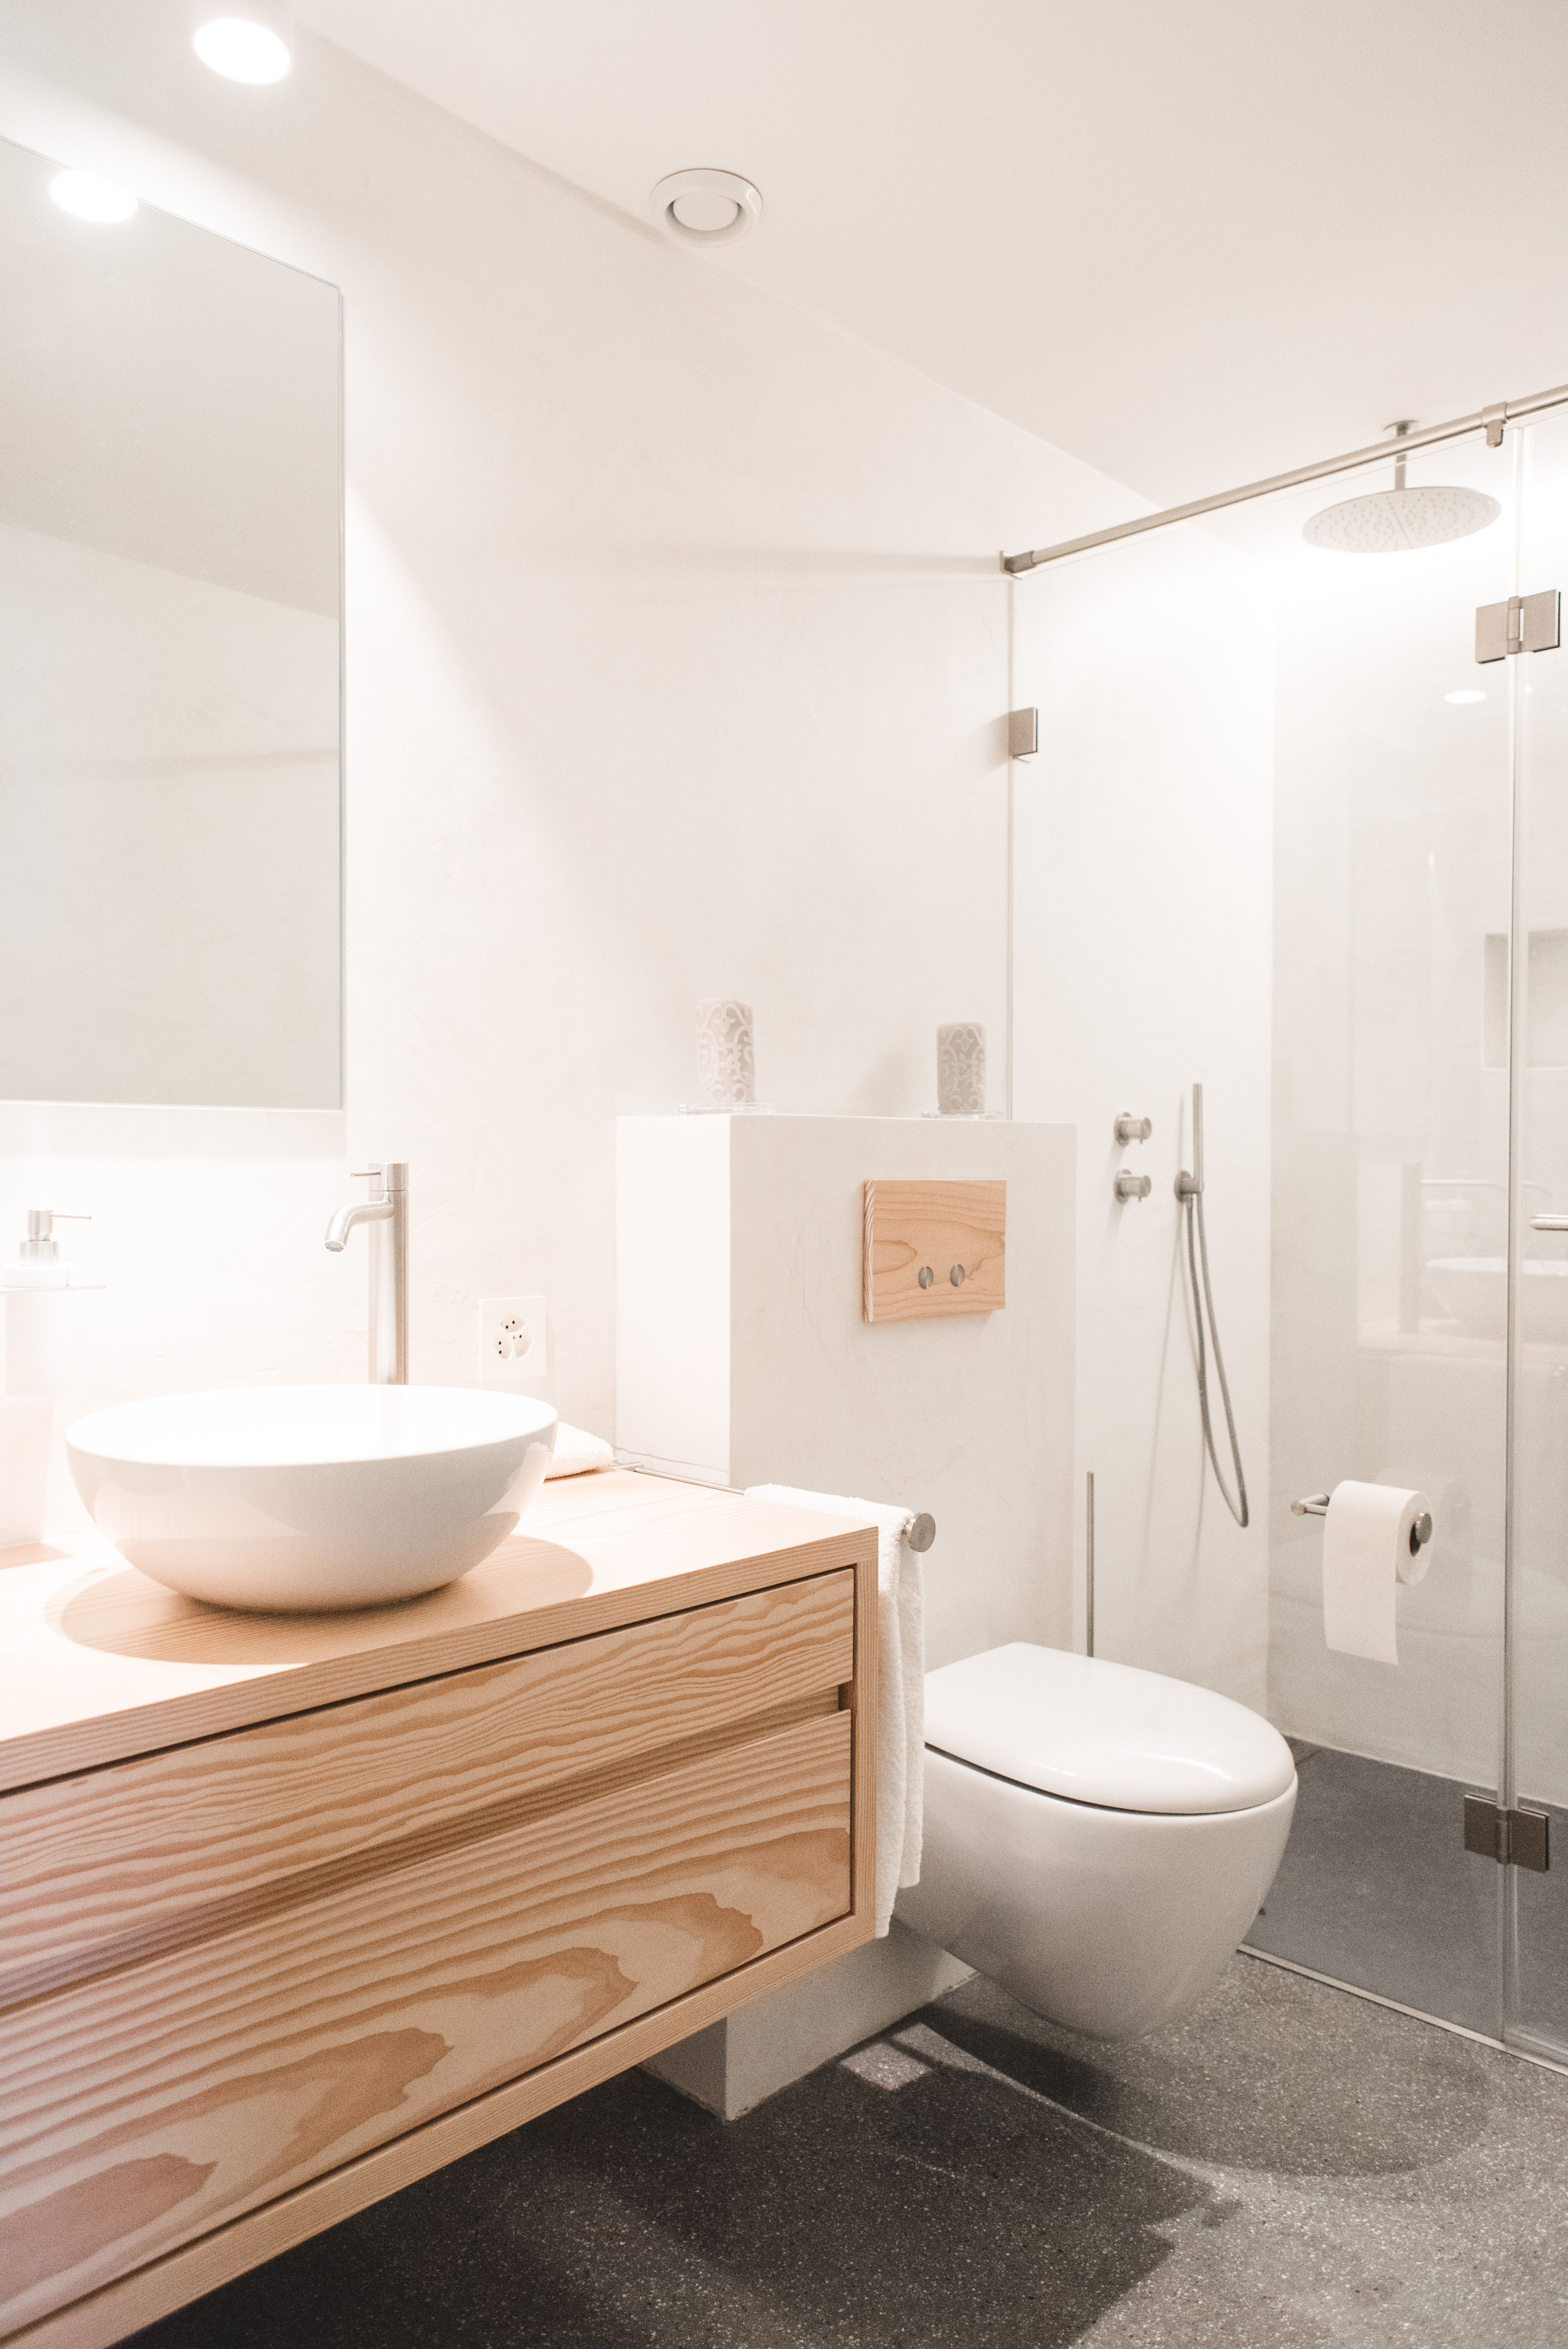 Salle de douche - murs, béton ciré blanc - revêtement de sol, chapes ...